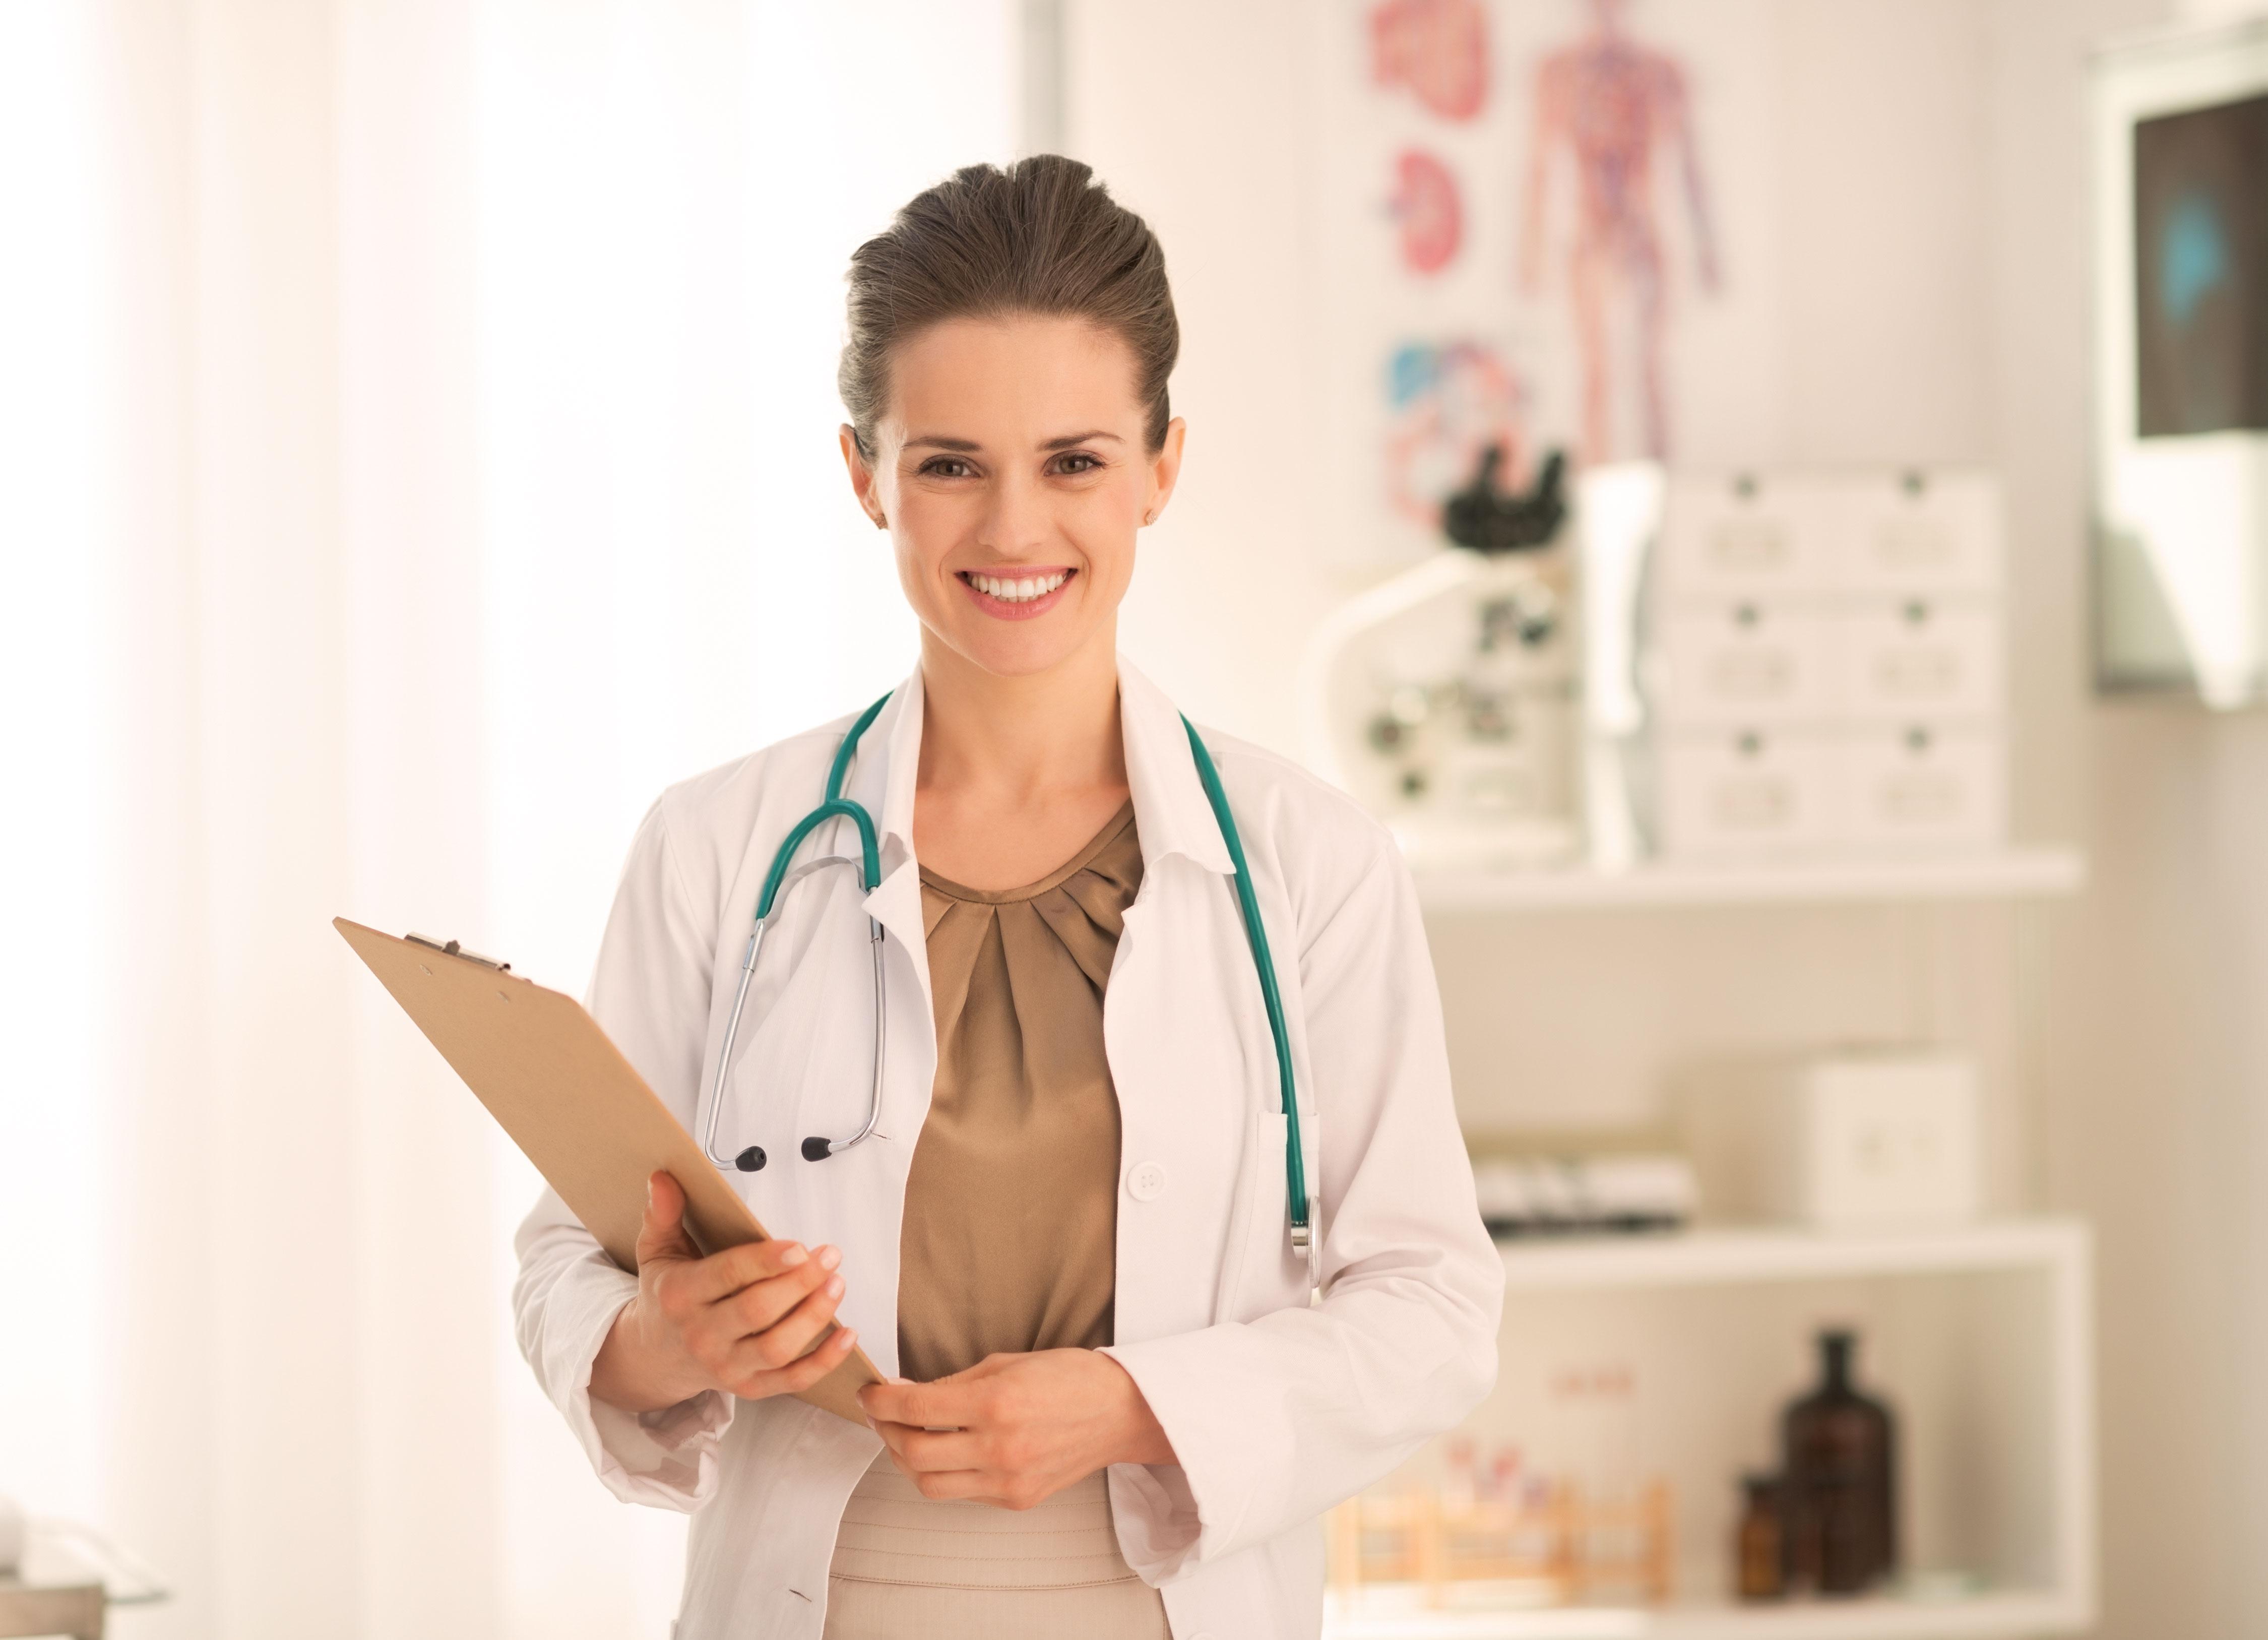 Lächelnde Ärztin mit Klemmbrett und Stethoskop